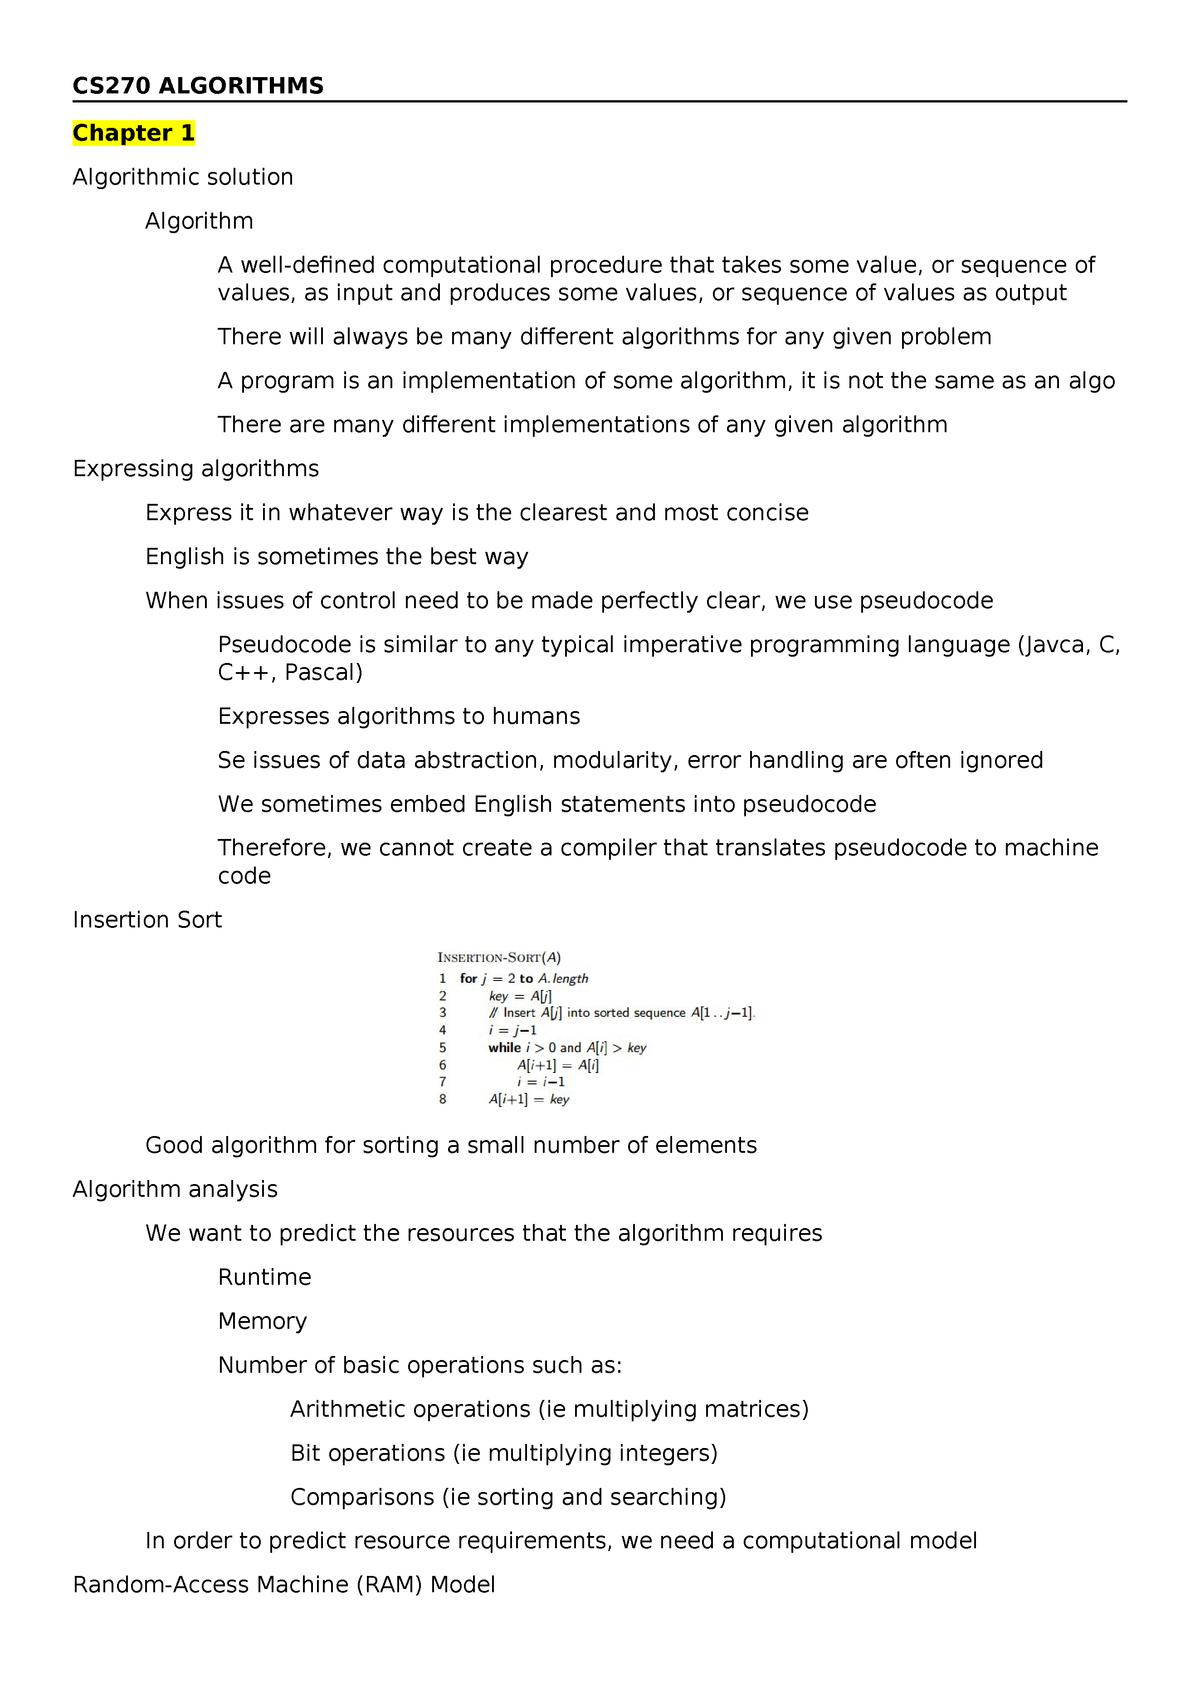 CS270 Algorithms - Notes during lectures - CS-270 - StuDocu